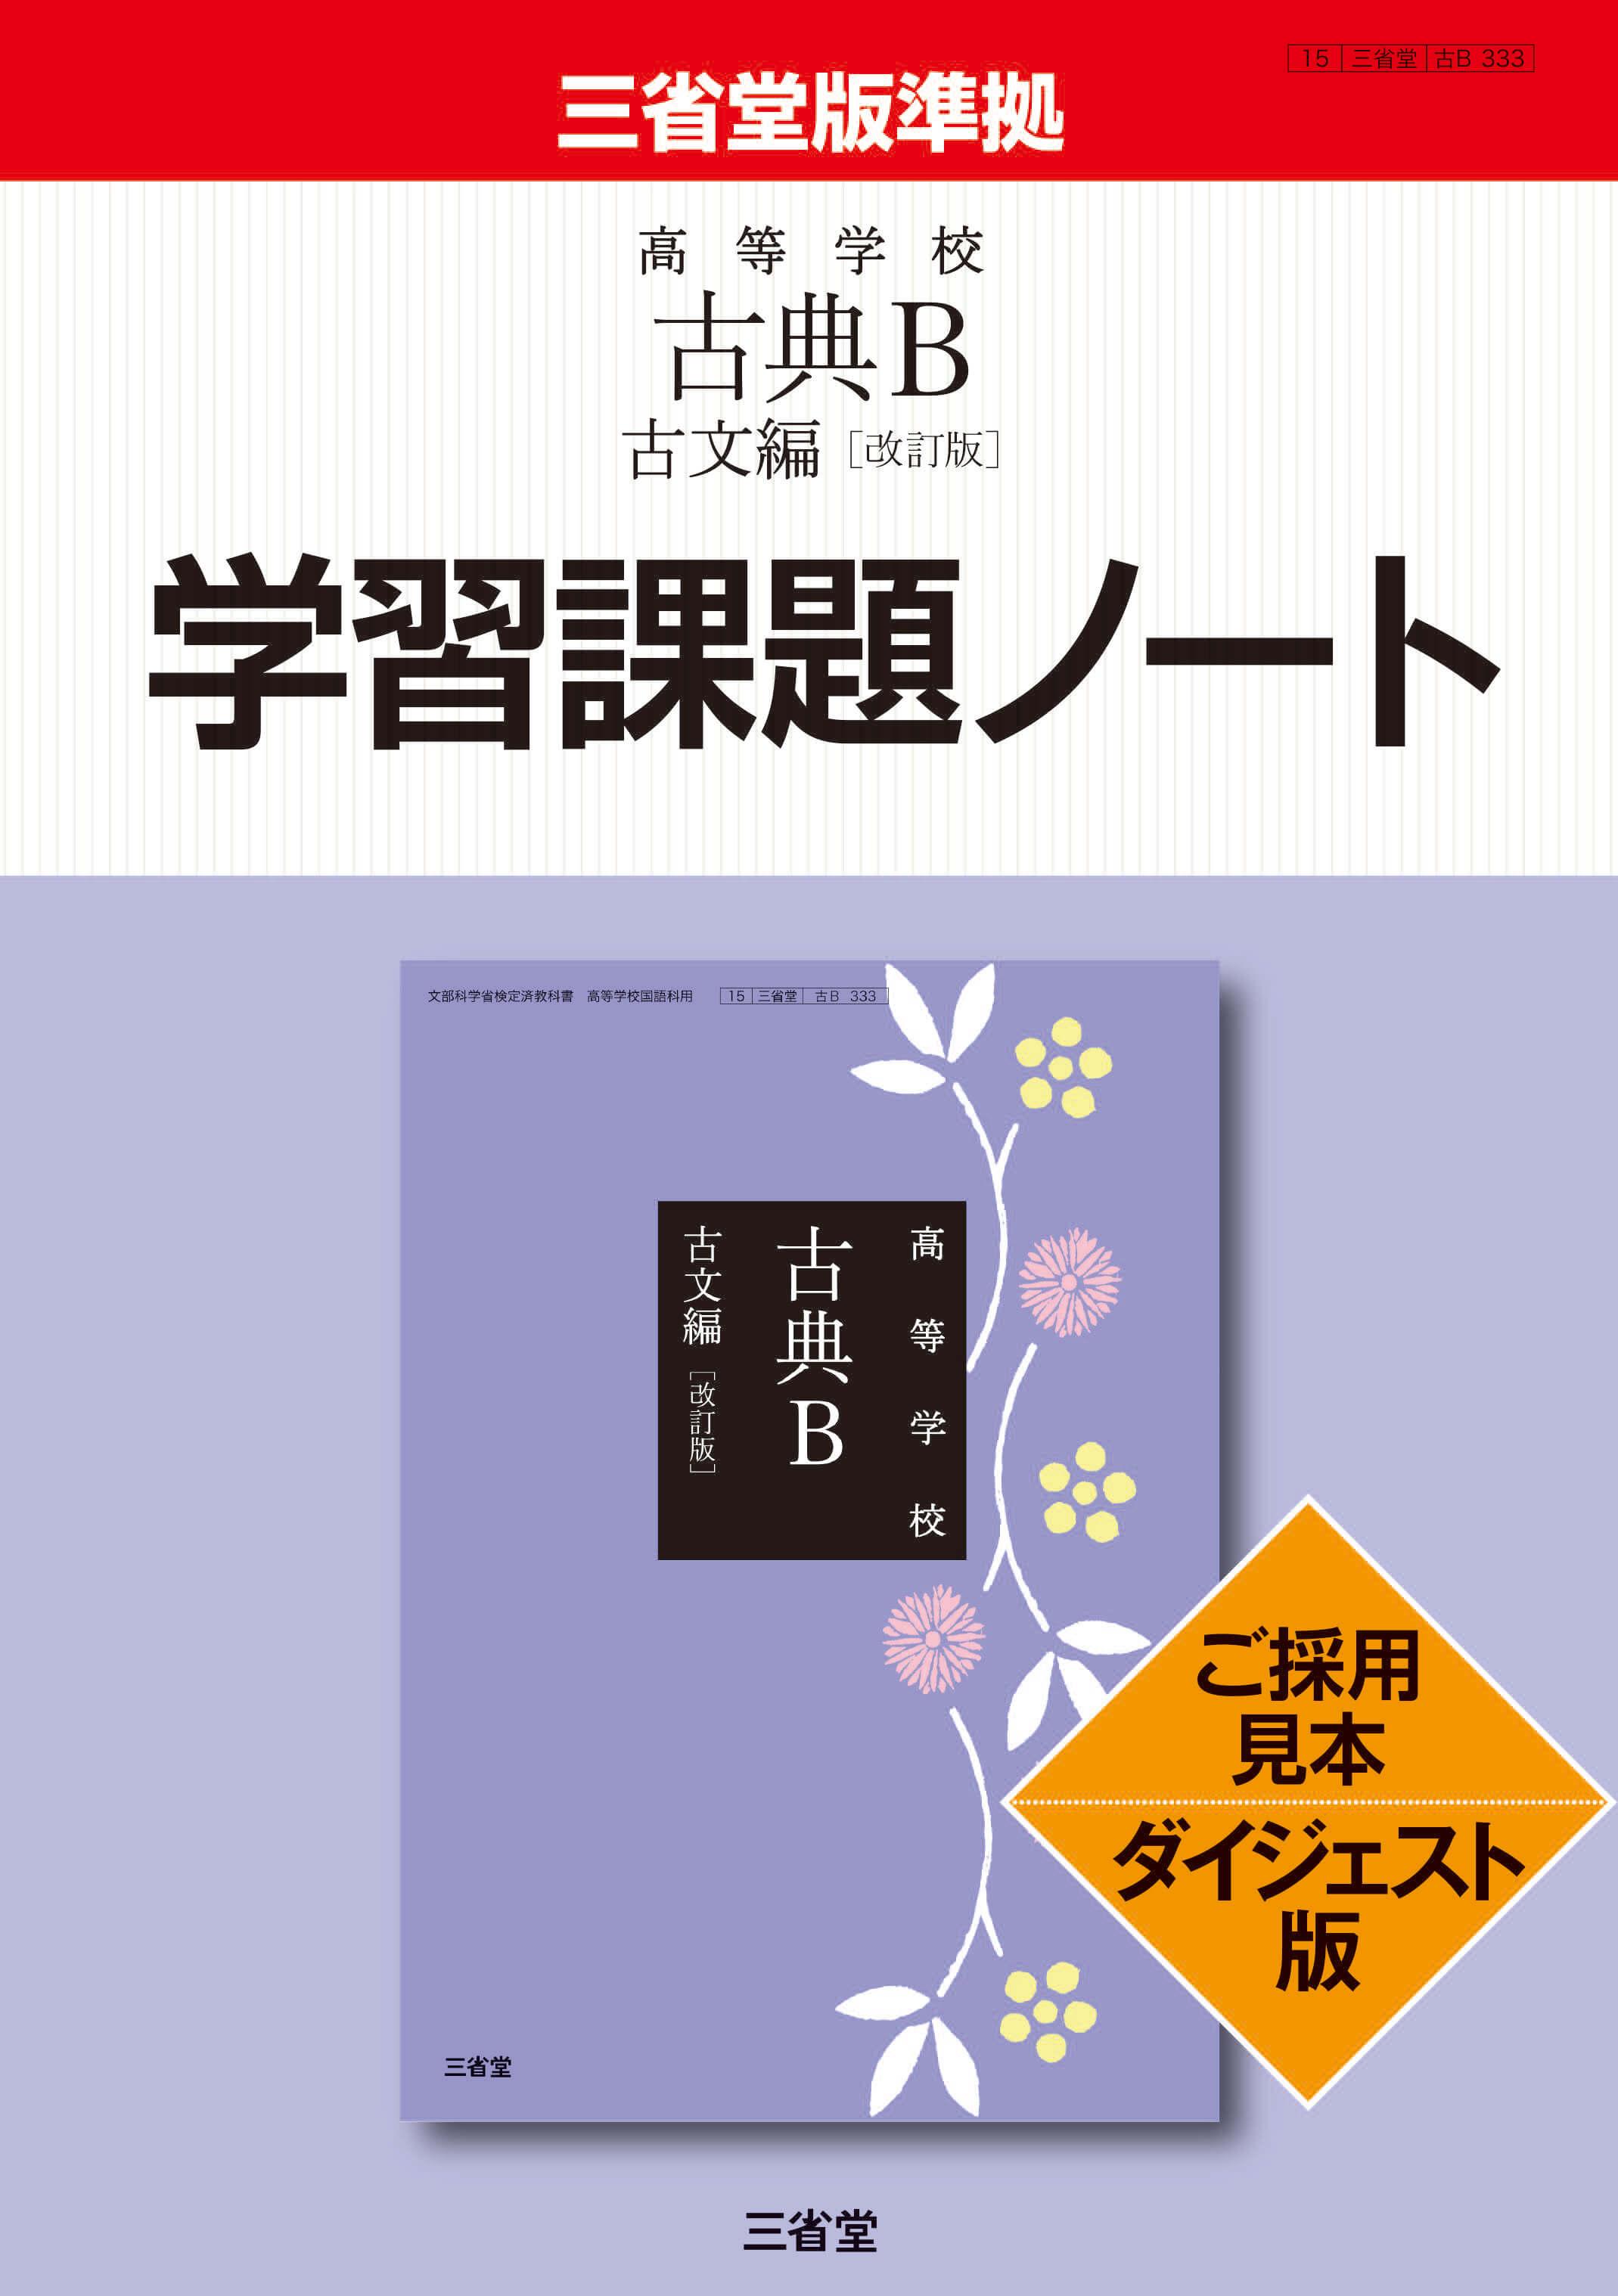 高等学校古典B 古文編[改訂版] 学習課題ノート